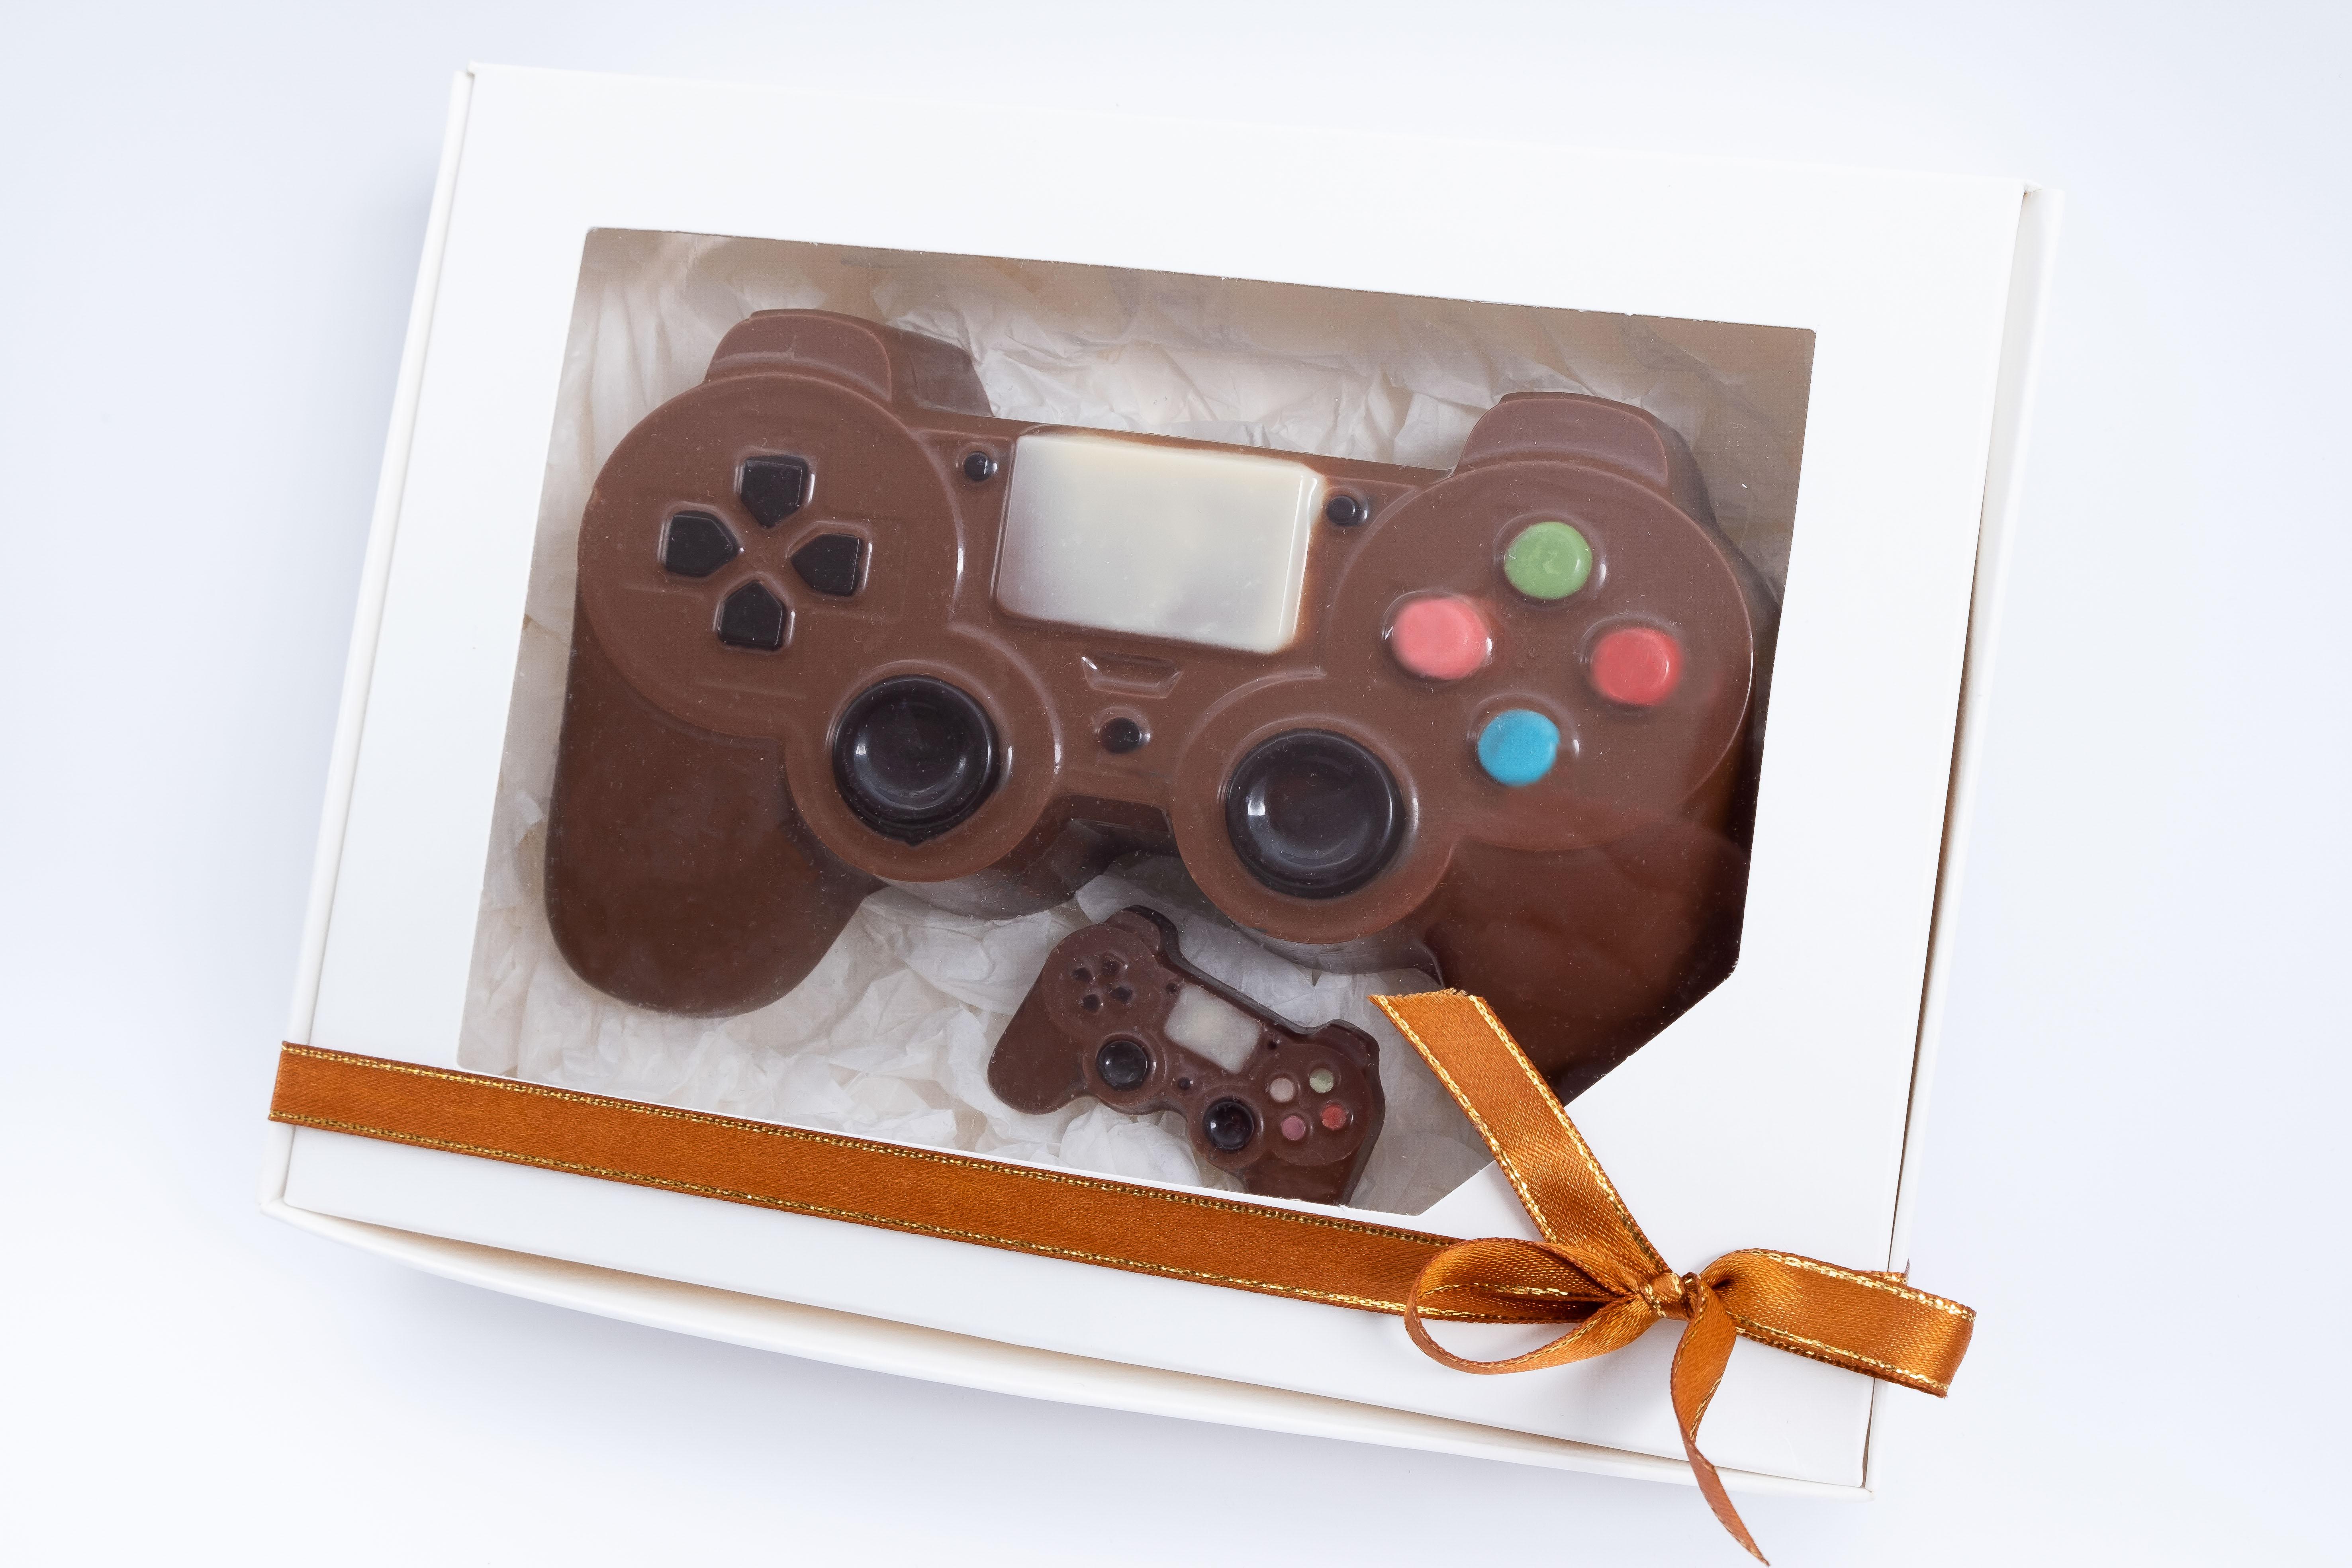 Control Playstation